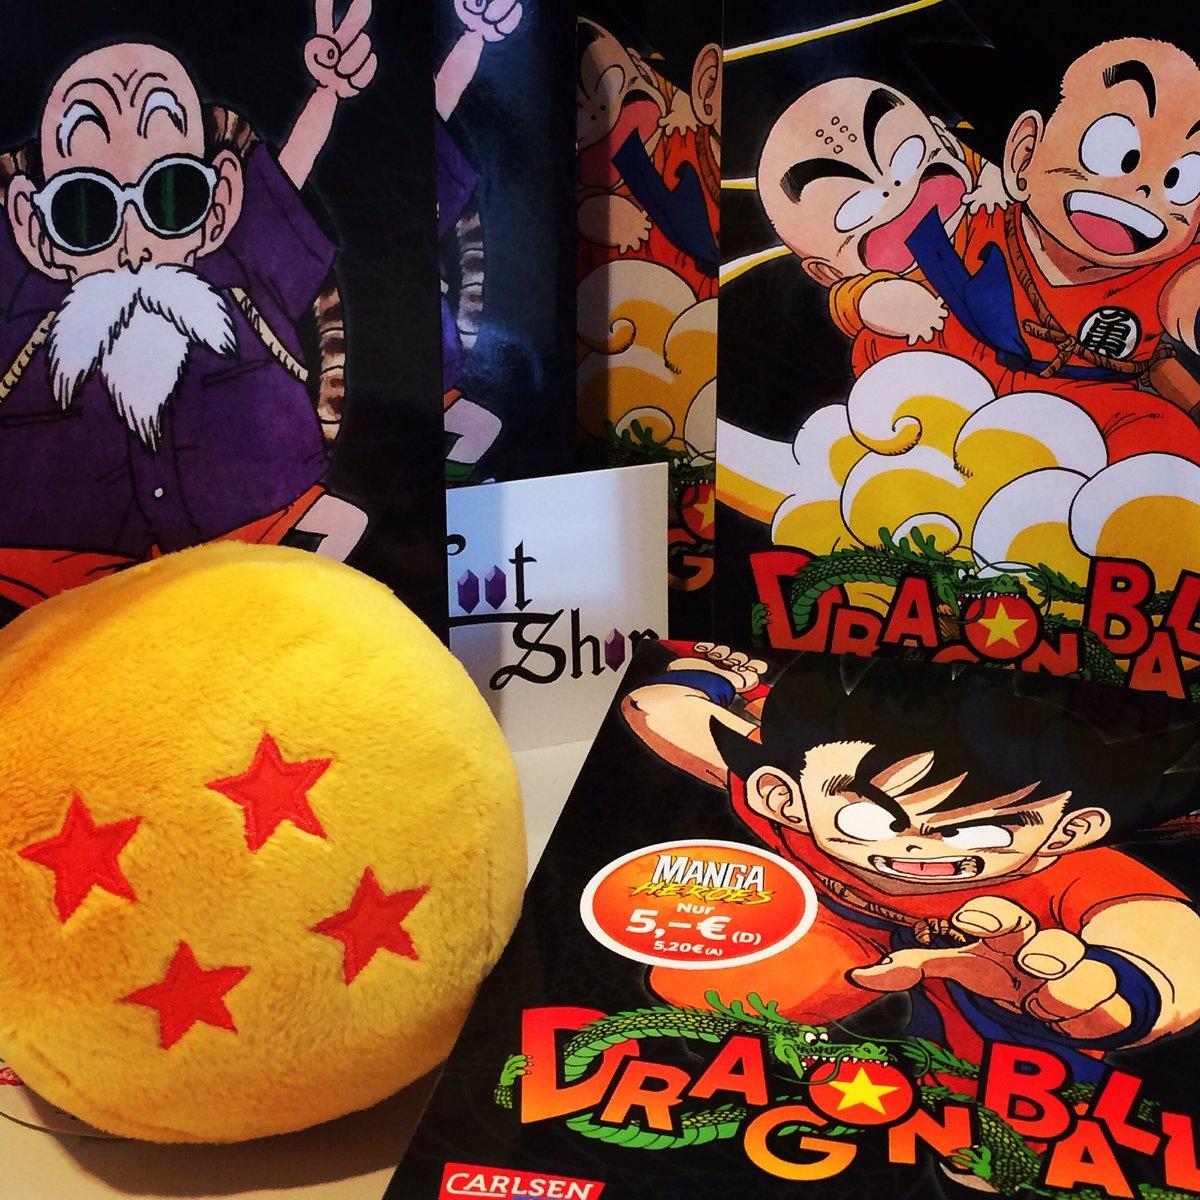 Ihr steht auf Dragon Ball? Der Manga in der Neuauflage von Carlsen ist auch in deinem Loot Shop erhält:   Dragon Ball Massiv - bisher sind 3 dicke Bände erschienen!  #lootshop #carlsen #manga #dragonball #dragonballmassiv #carlsenverlag #carlsenmanga #koblenzpic.twitter.com/QskJQNEMJj – at Loot Shop